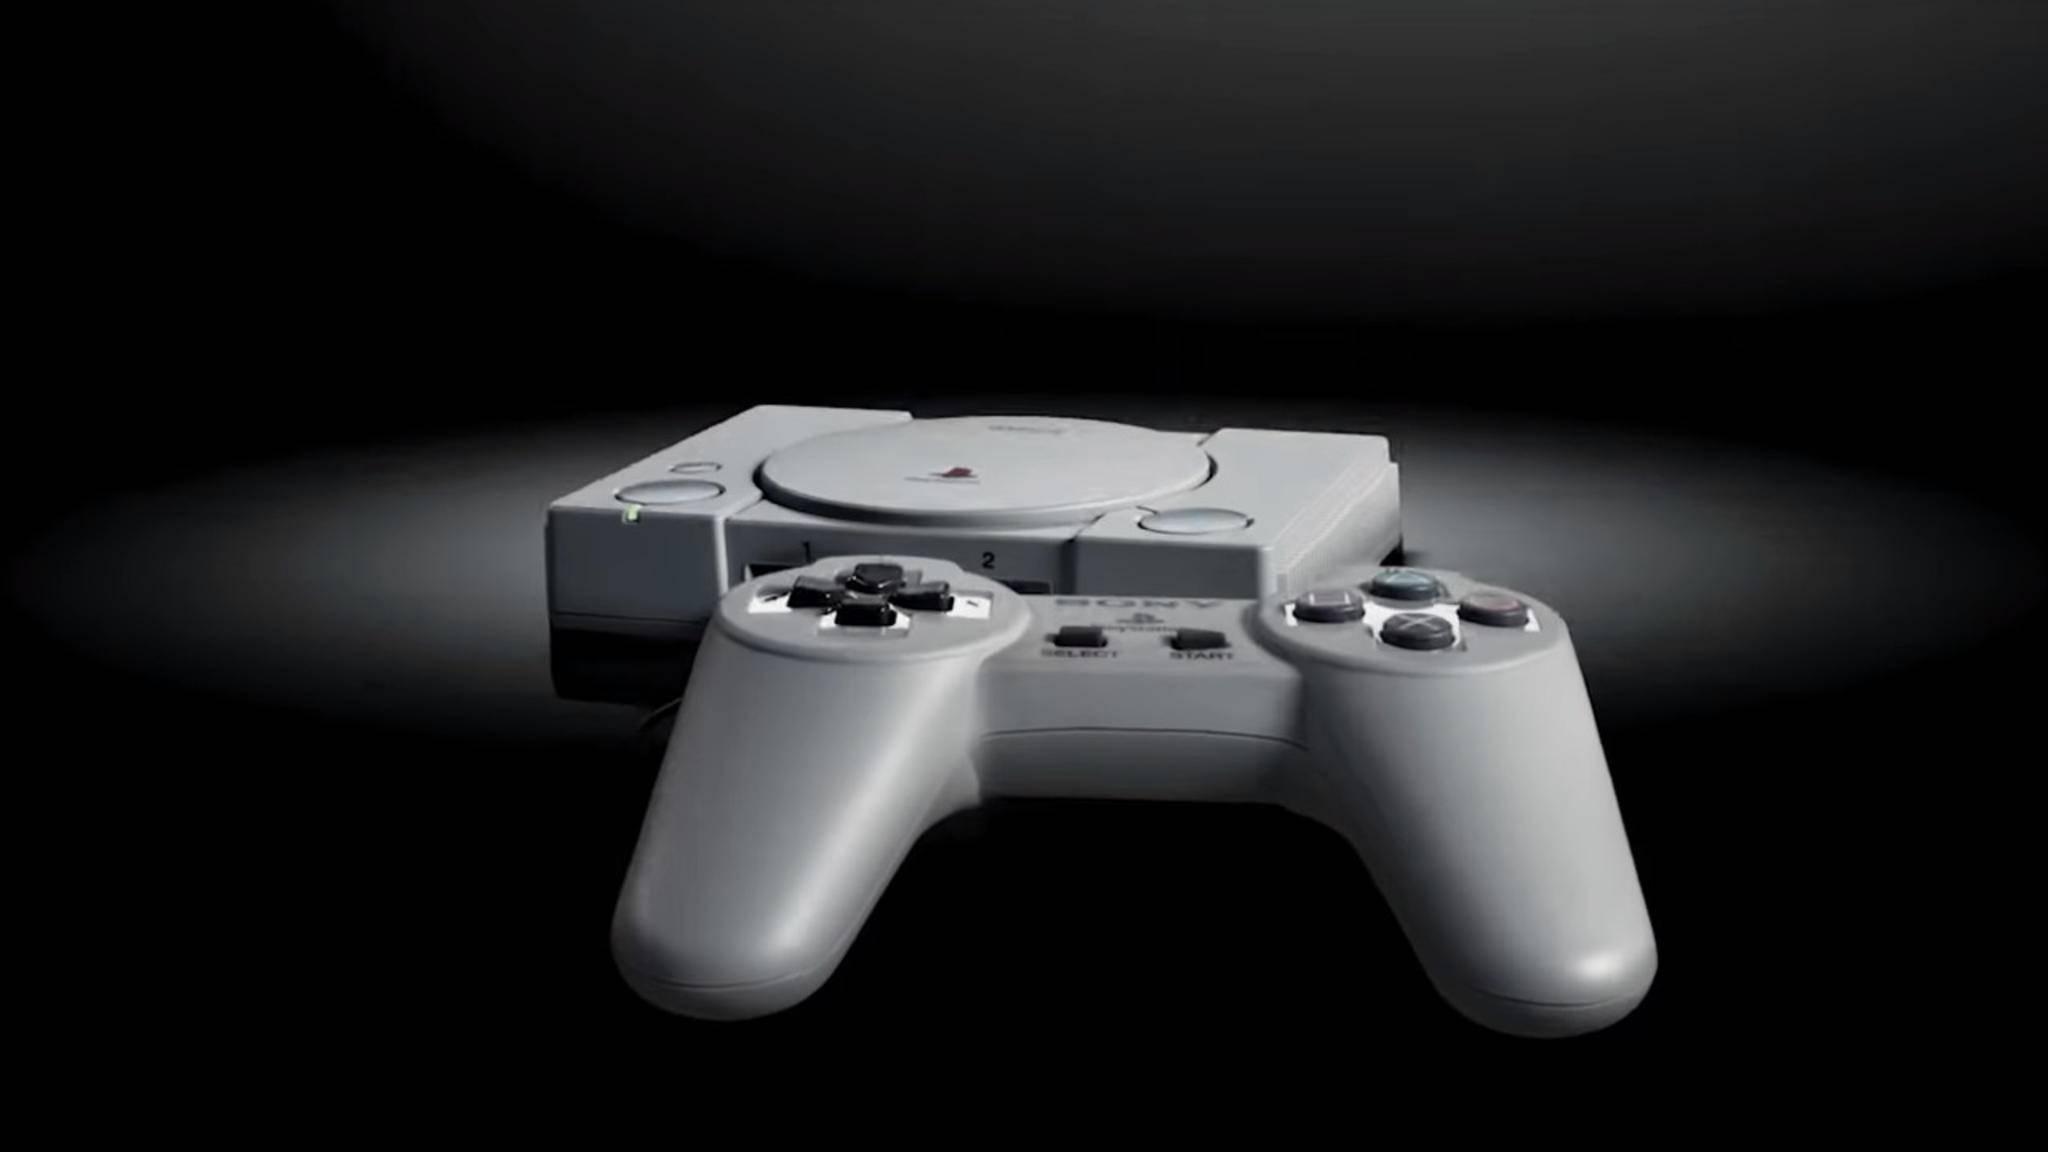 Die PlayStation Classic muss mit Top-Games punkten. Wir haben da ein paar Vorschläge ...